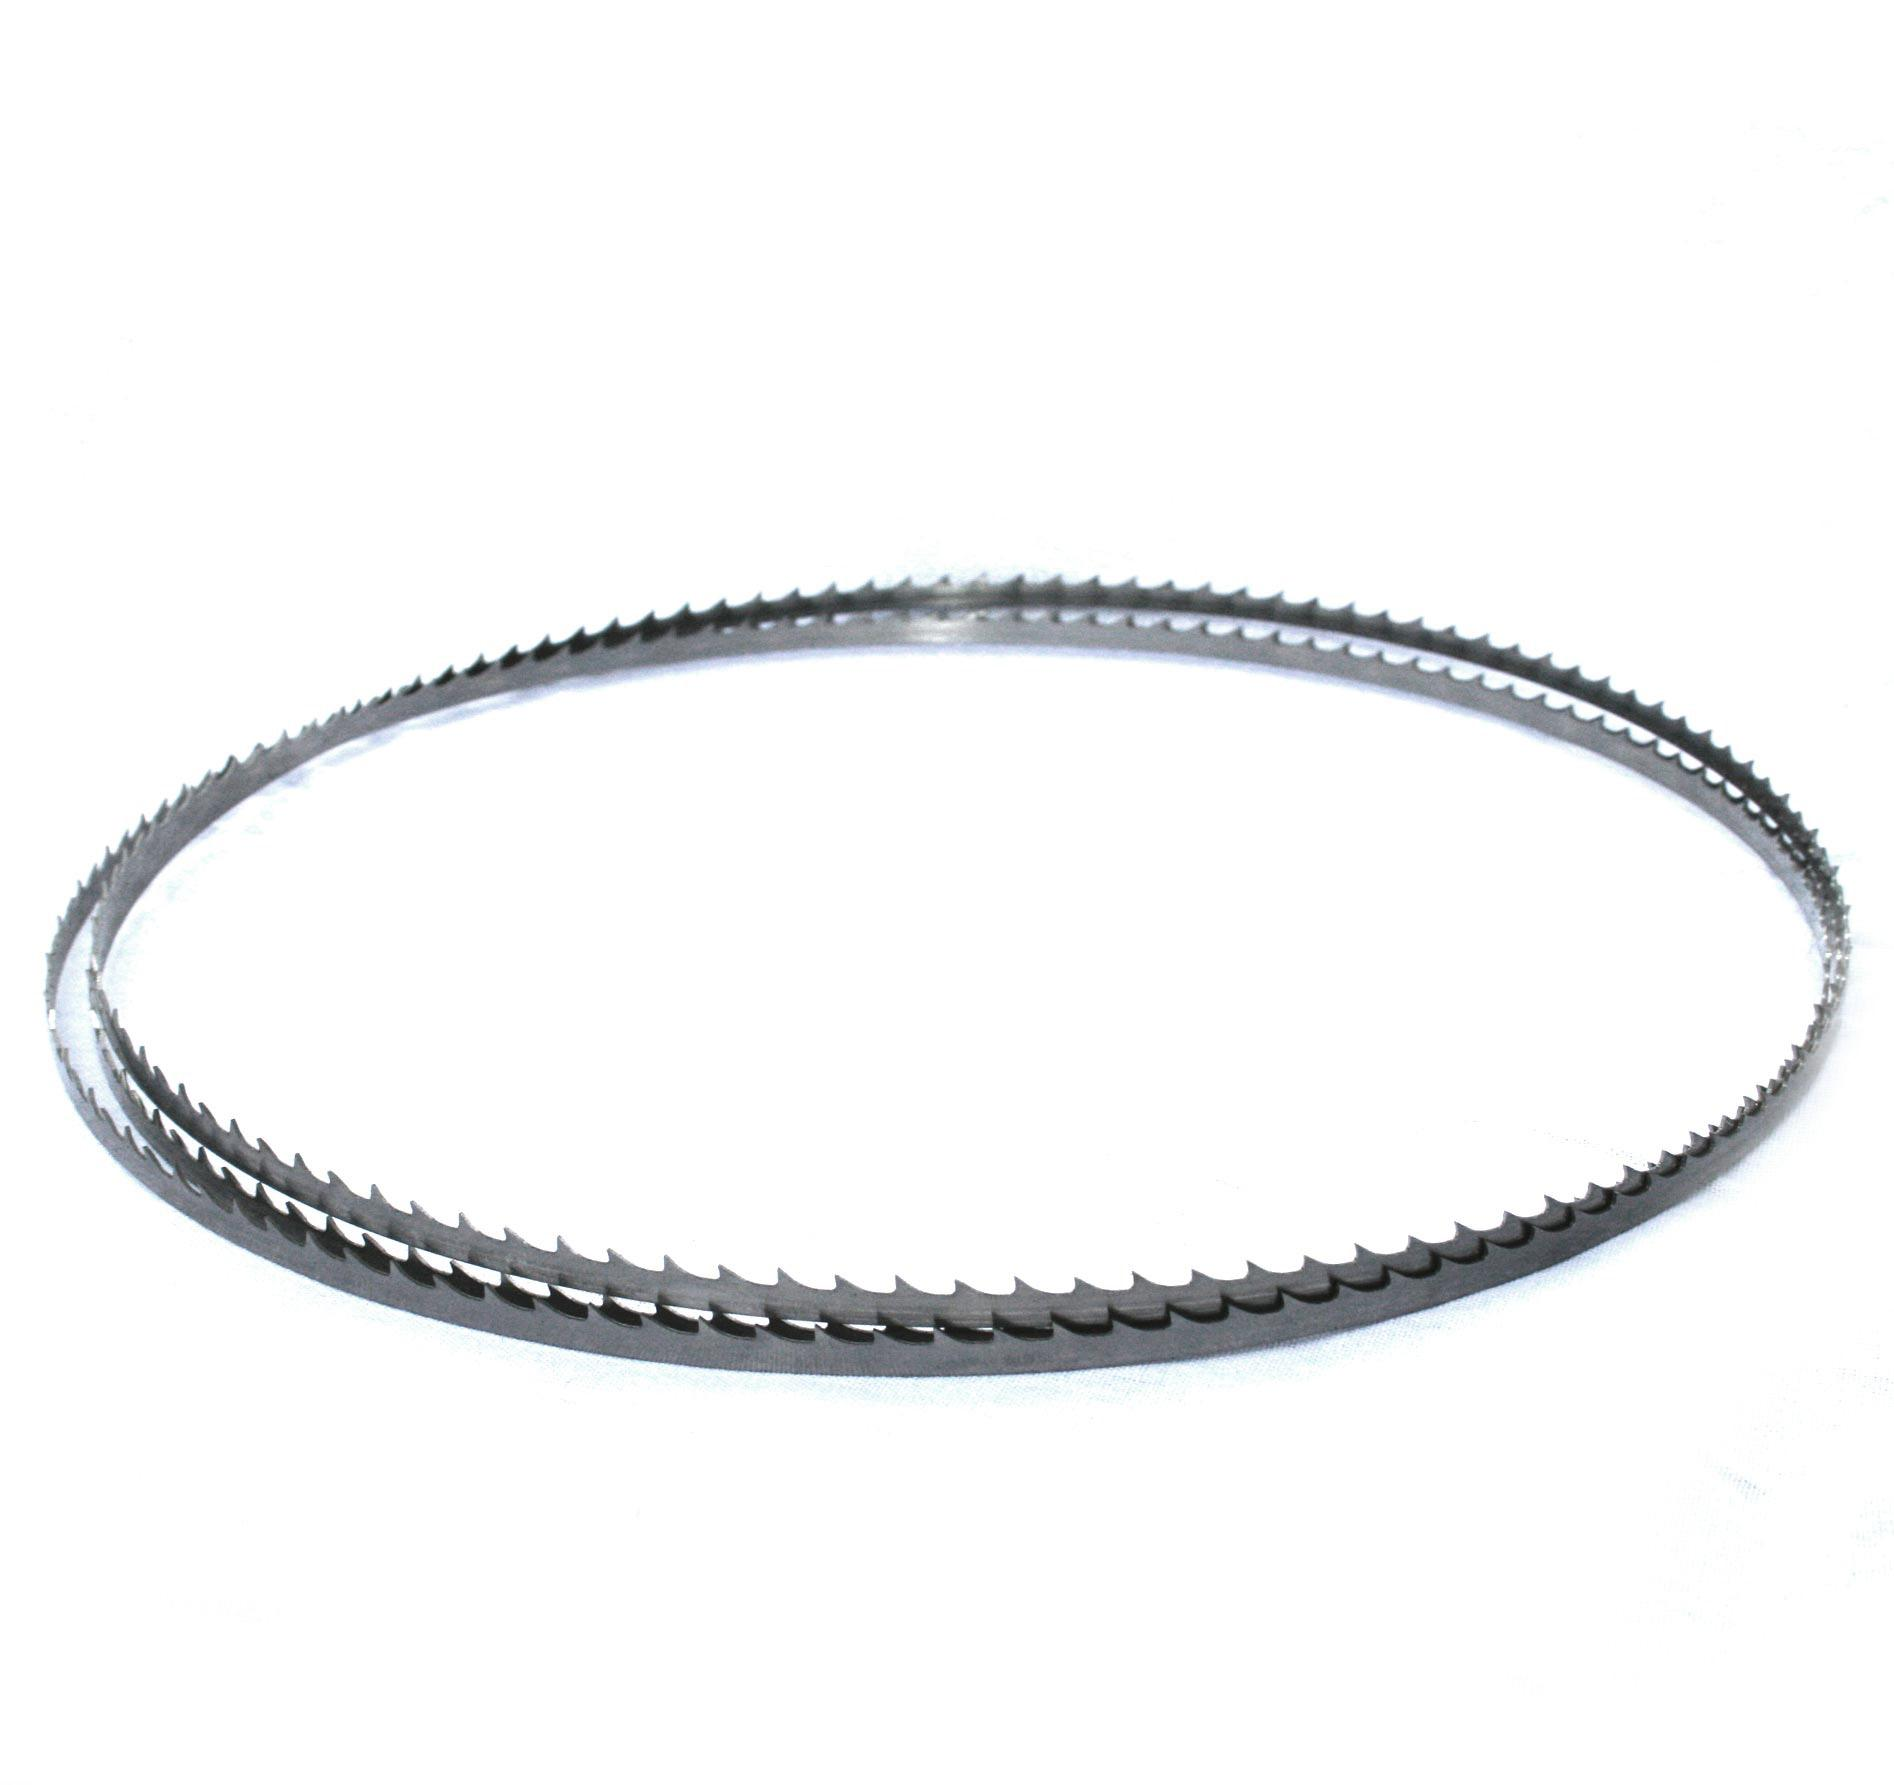 Sägeband 1575 mm von 6-10 mm Breite für Bandsägen (Holz) Sägeband mit 6mm Breite